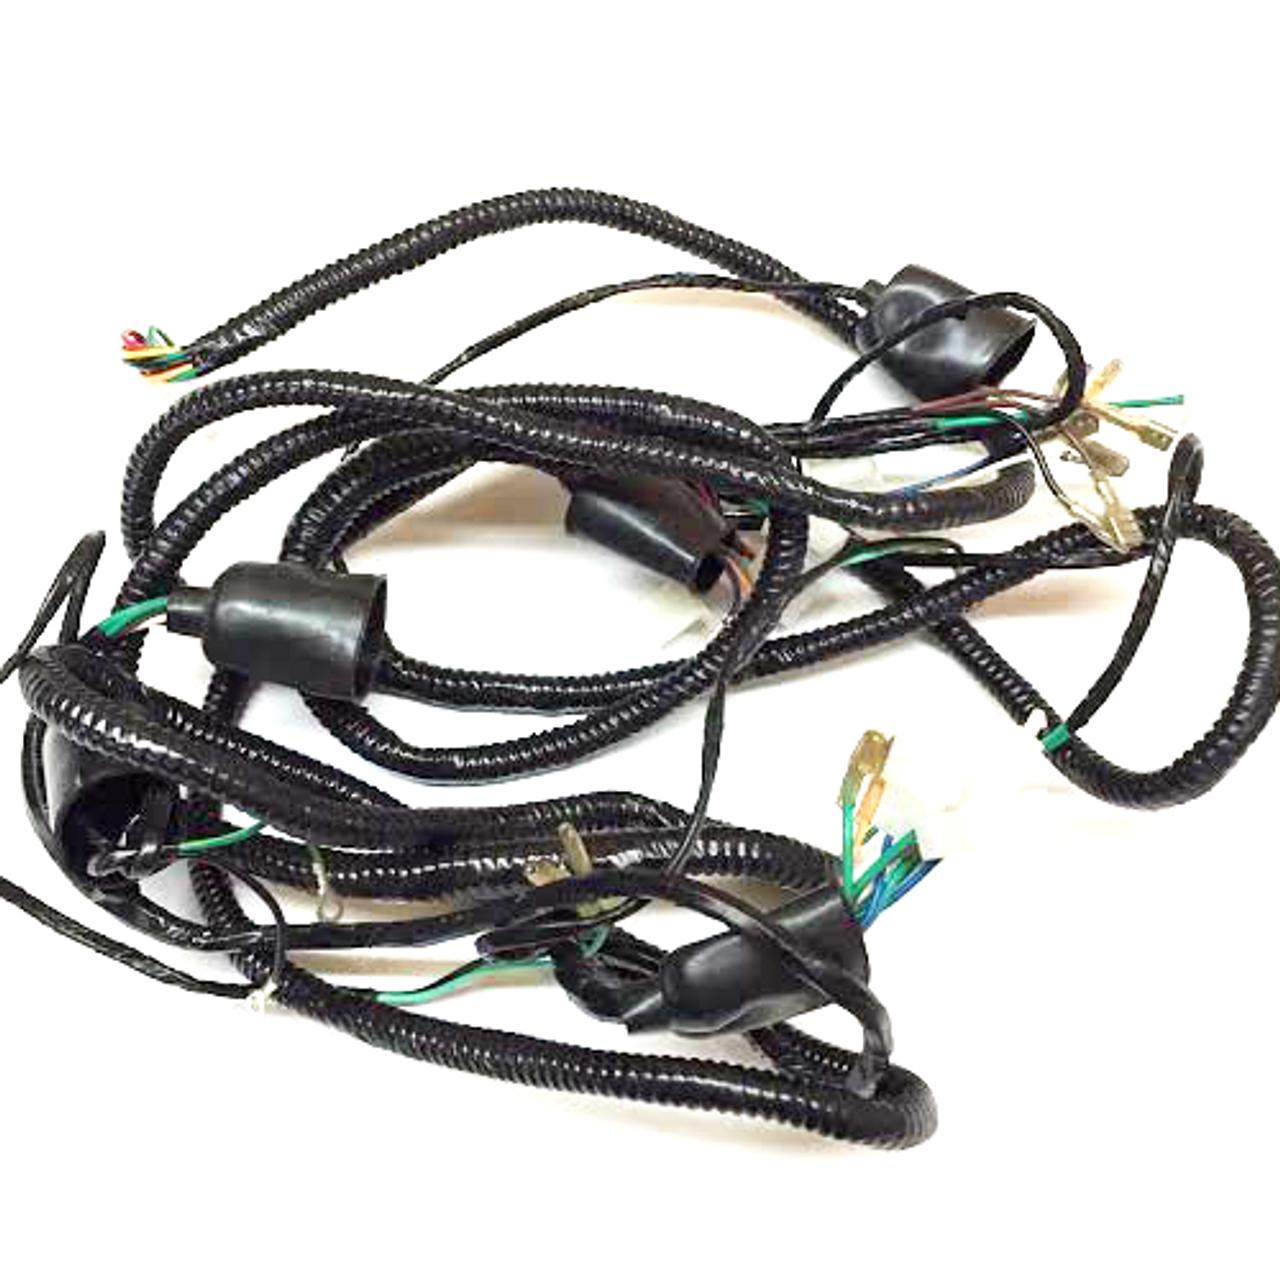 Boxer Go Kart Wiring Harness - Wiring Diagram Todays on trailmaster 150 engine, trailmaster 150 carburetor, trailmaster 150 maintenance, 1997 honda accord wiring diagram, honda engine wiring diagram,